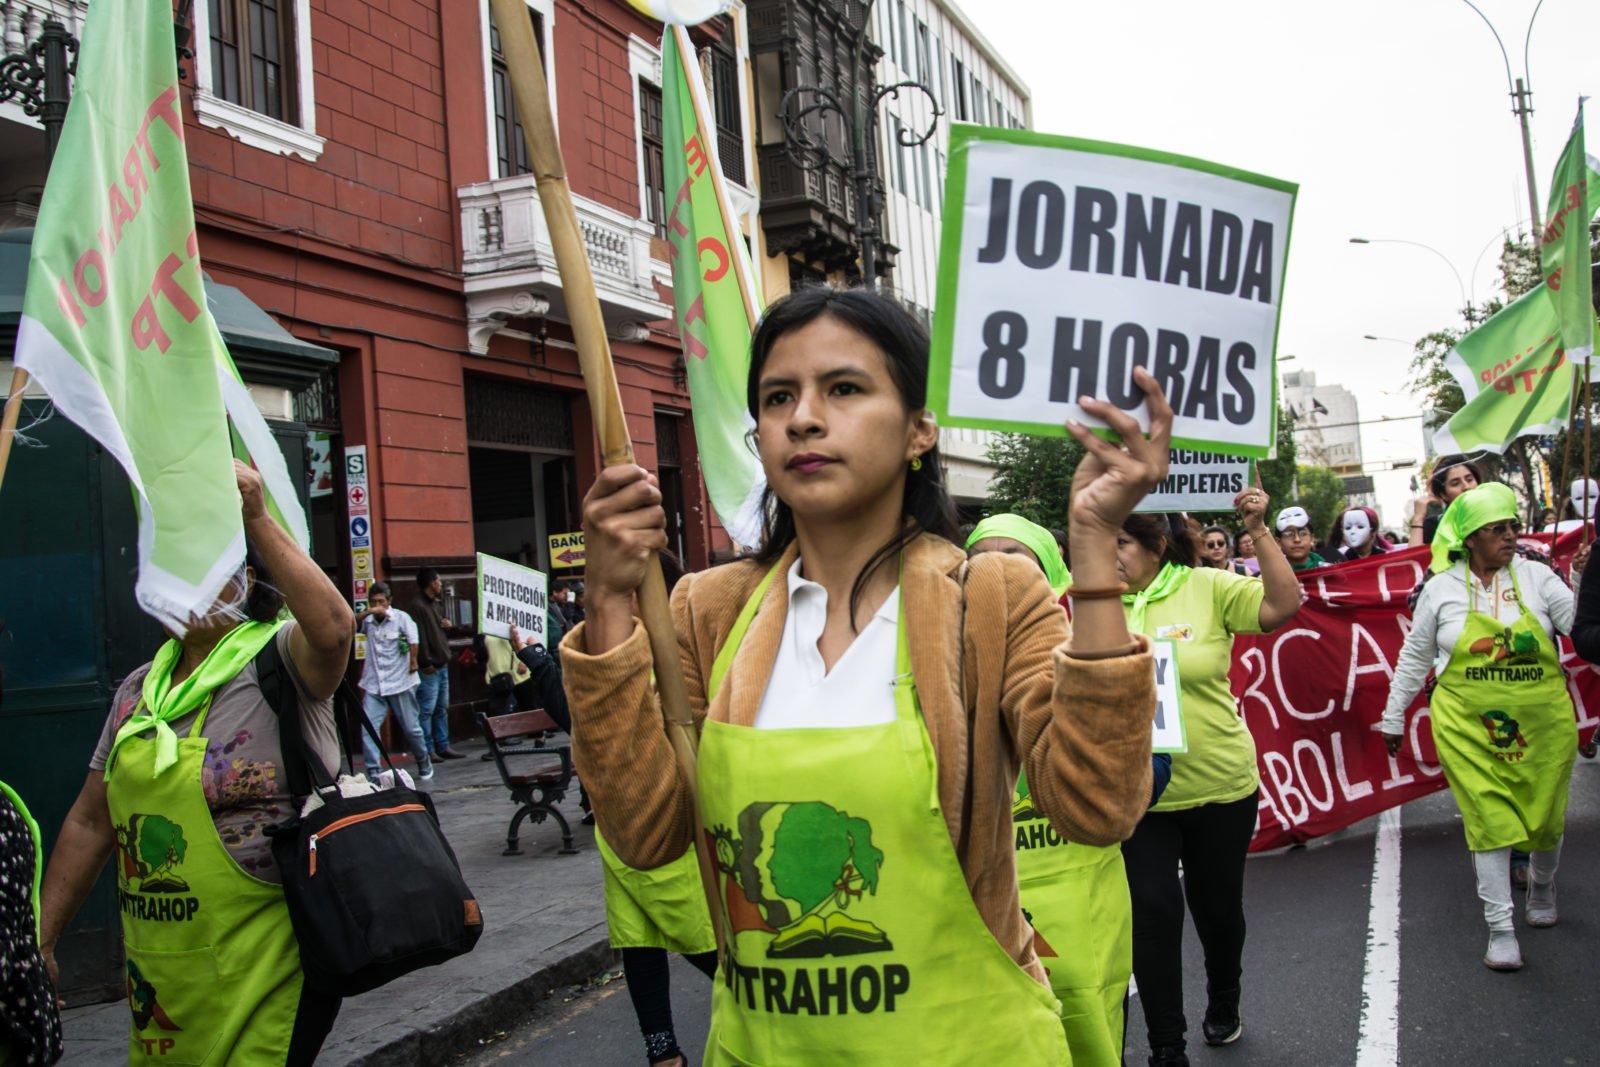 Vakbonden voor waardig huishoudwerk: Samen sterk